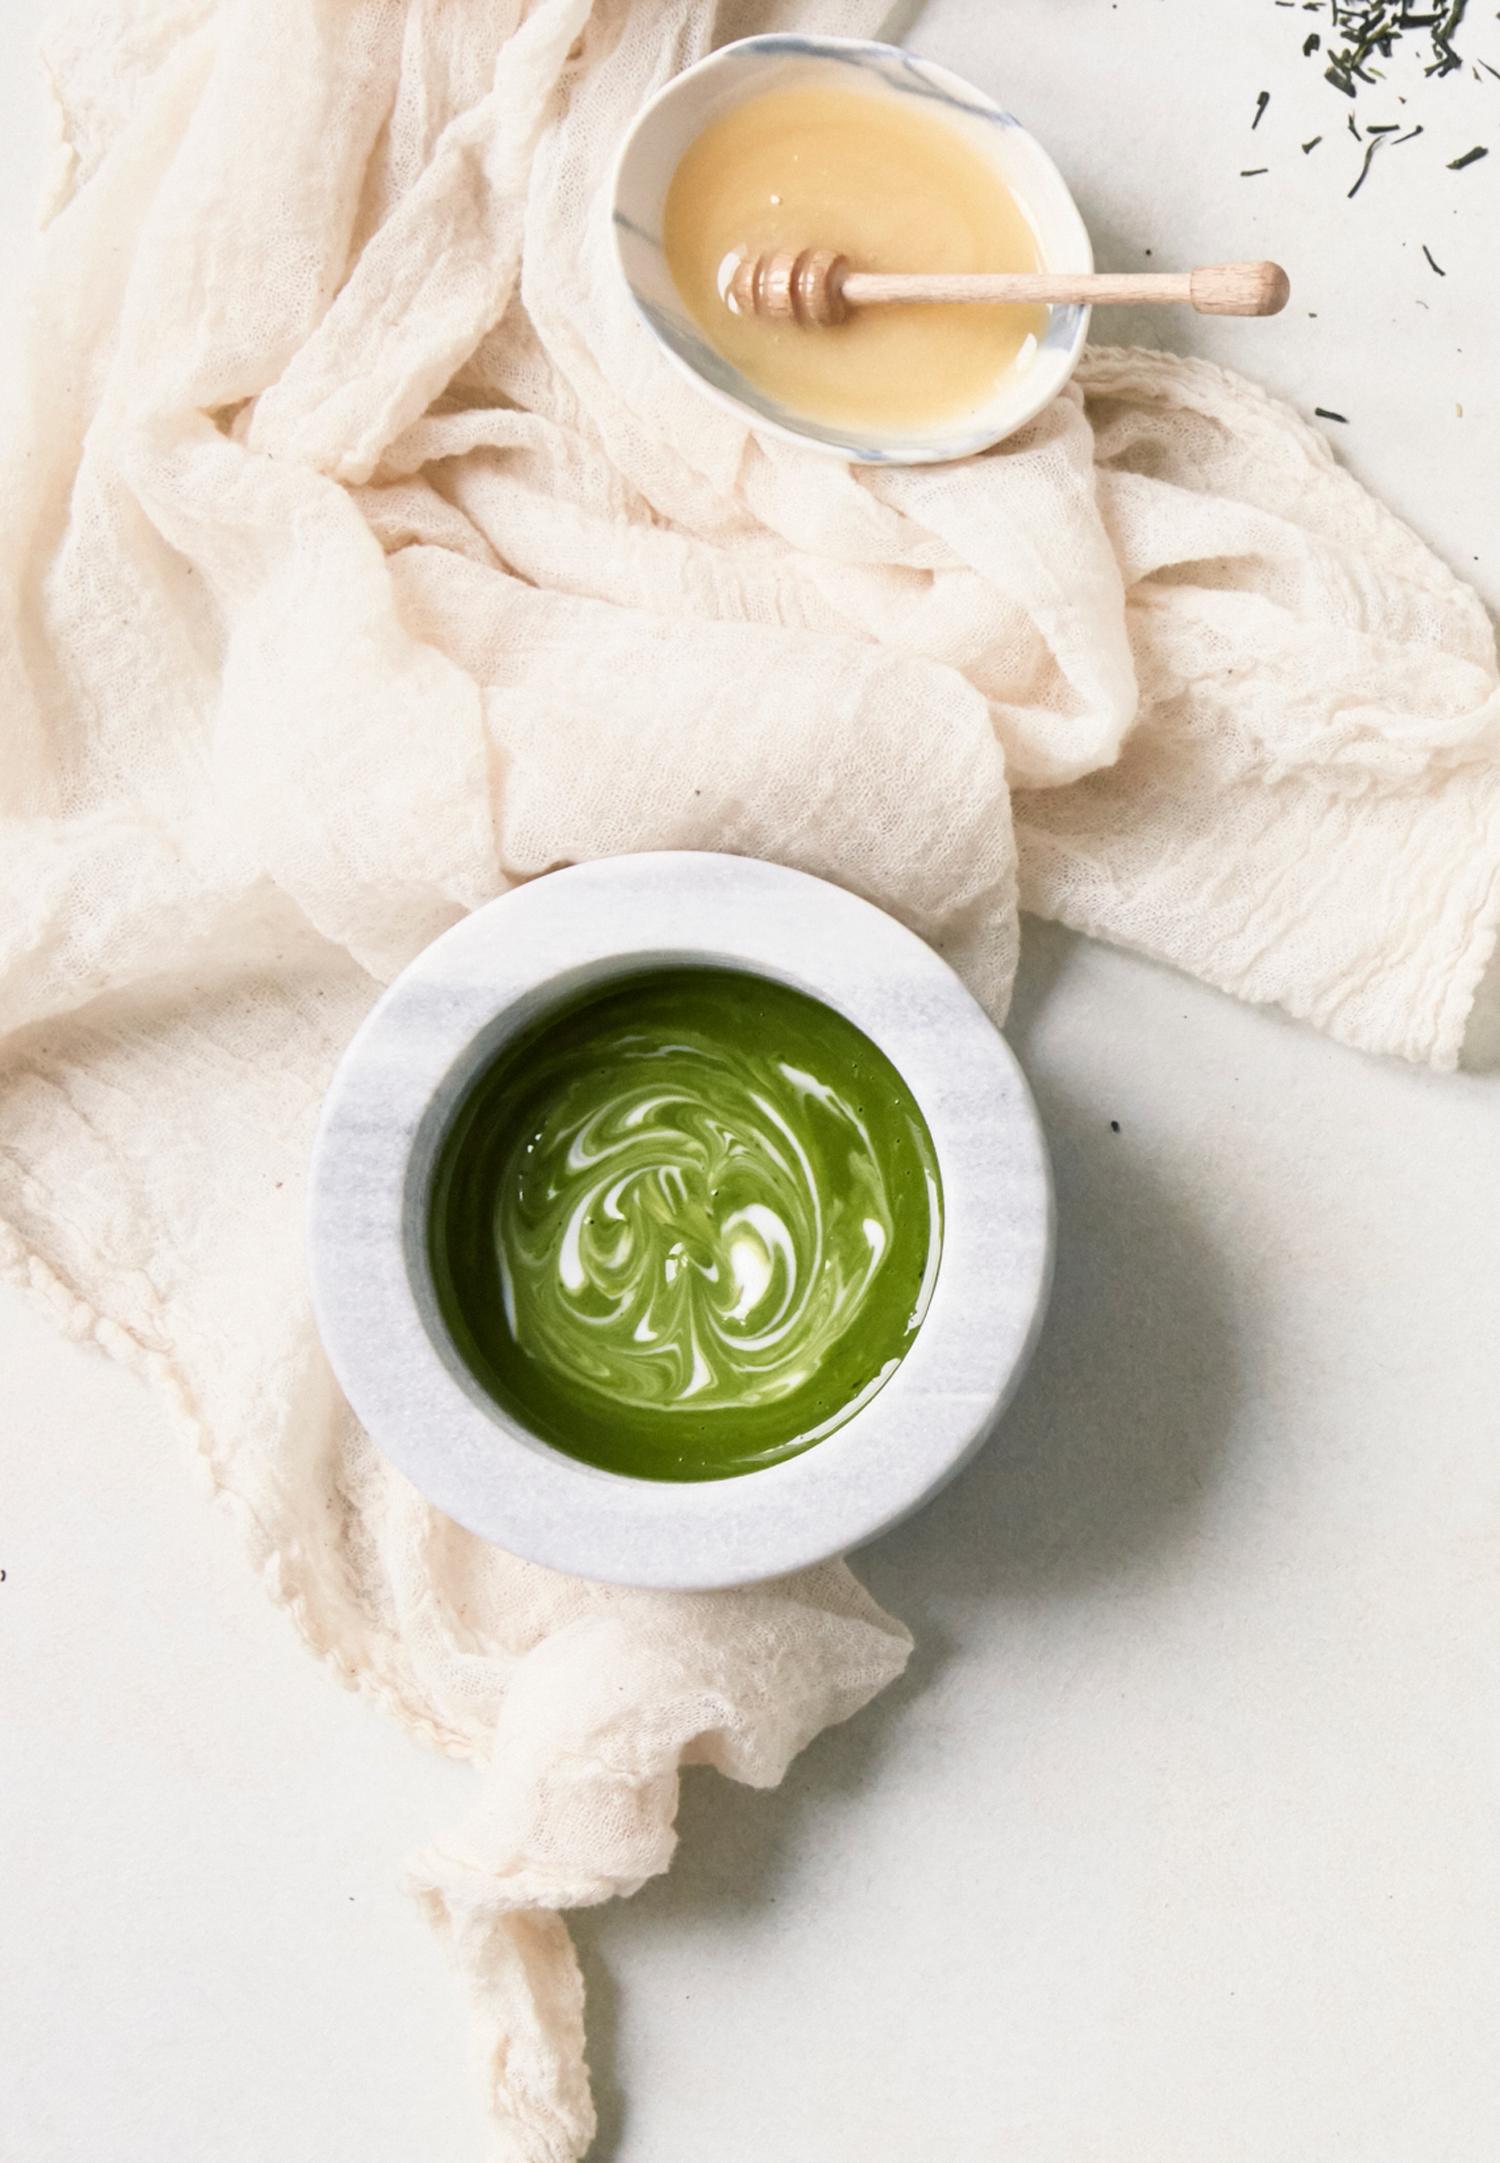 toujours populaire vente chaude réel profiter de la livraison gratuite Thé vert, miel, yaourt… Le masque fait maison qui redonne de ...